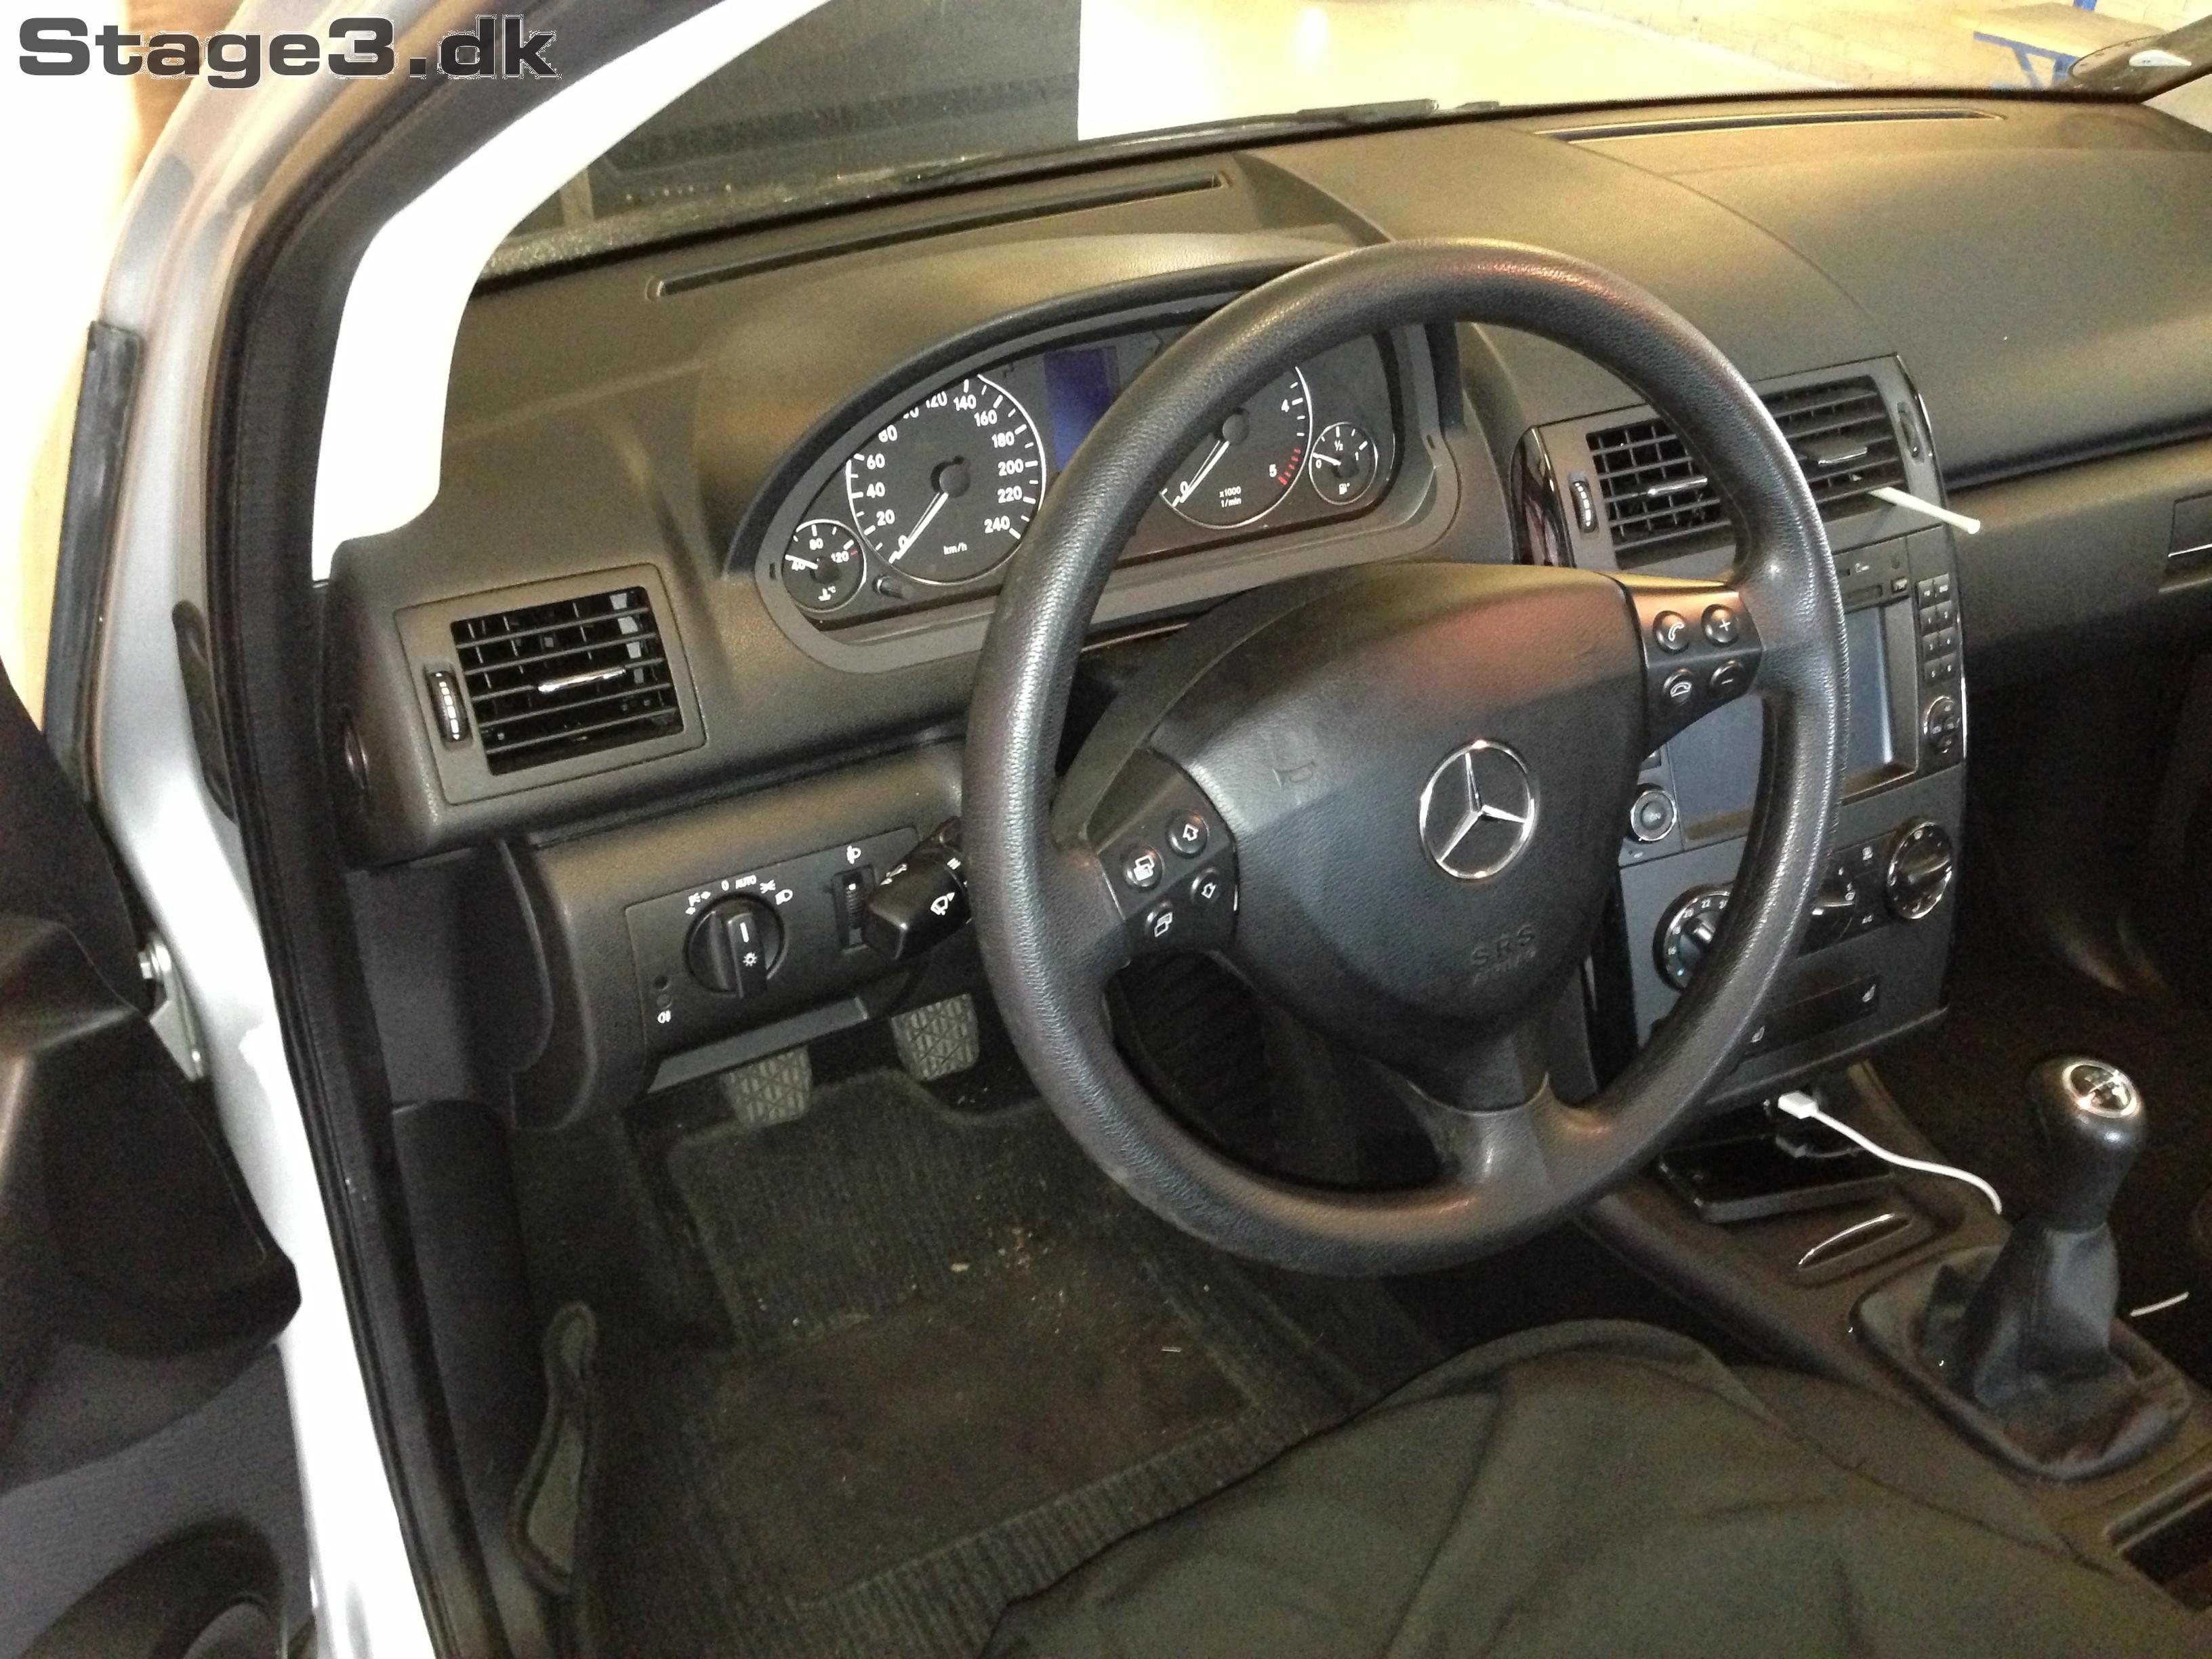 Mercedes a180 CDI (1)